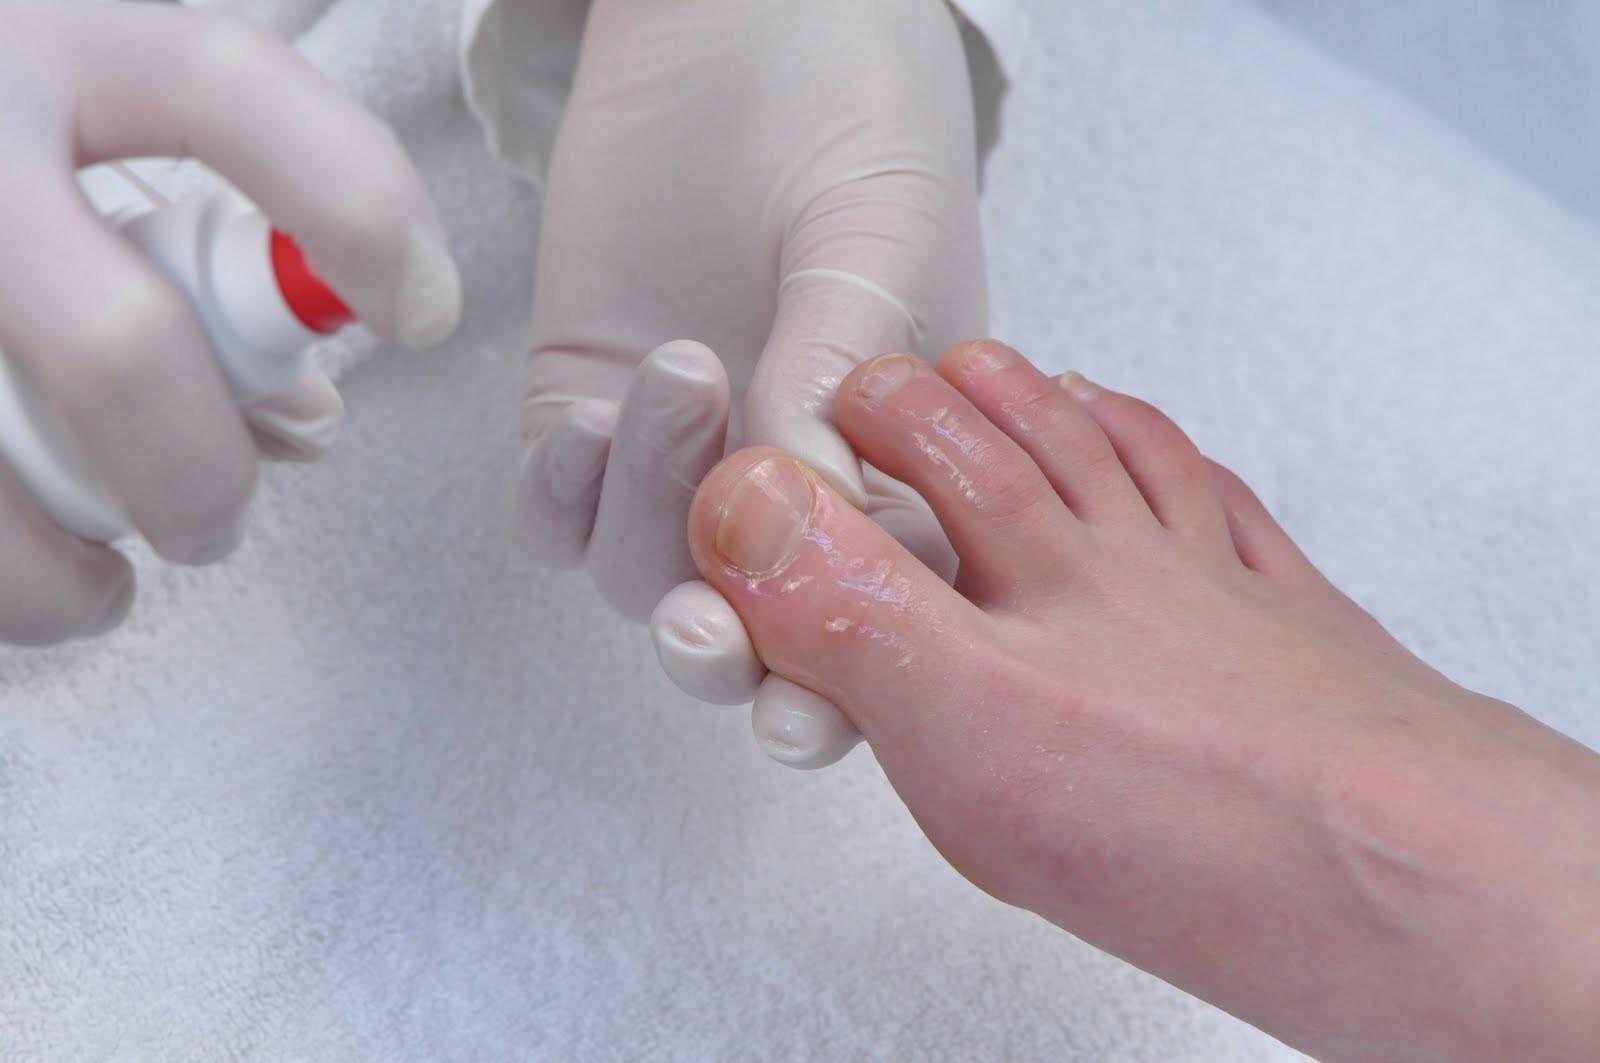 Подногтевой грибок лечение народными средствами